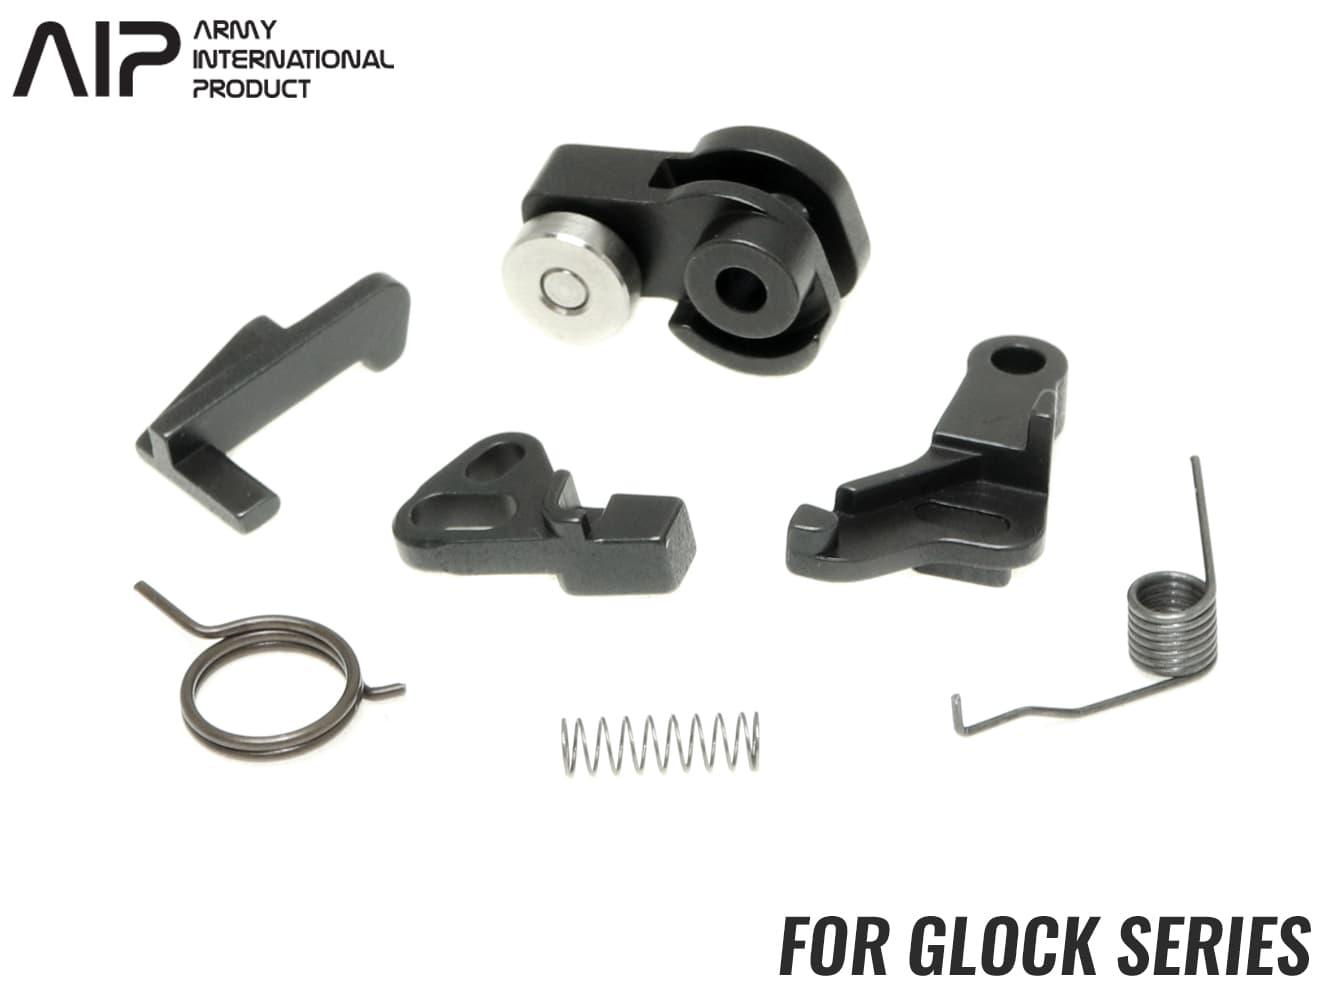 装備・備品, その他 AIP CNC G17G22G26G34 GBB GLOCK CNC UP